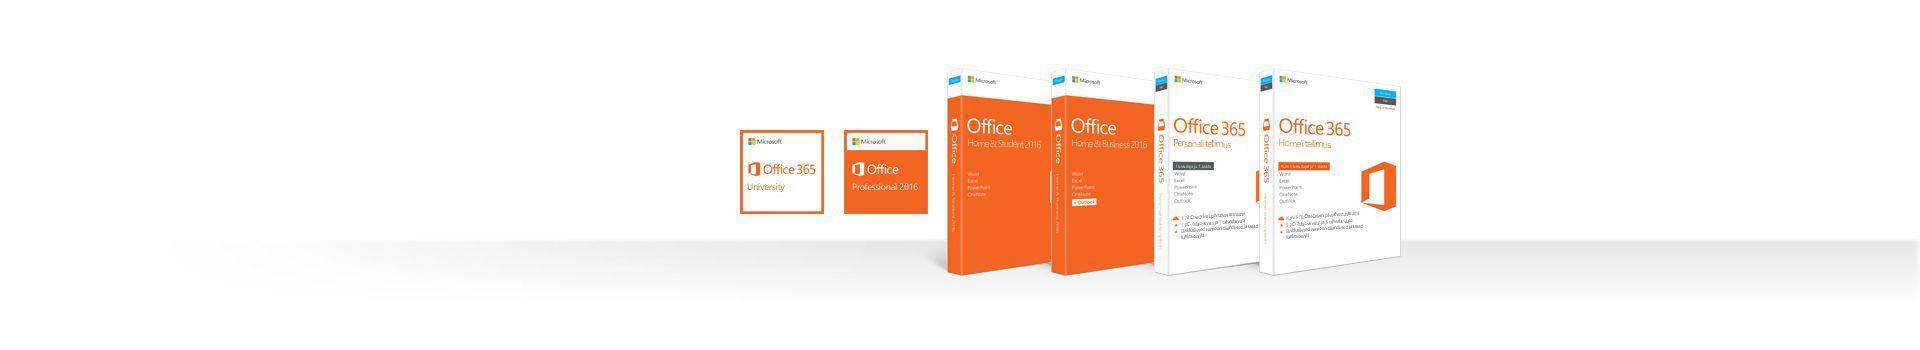 Karpide rida, mis tähistab Office'i tellimusi ja omaette tooteid PC-arvuti jaoks